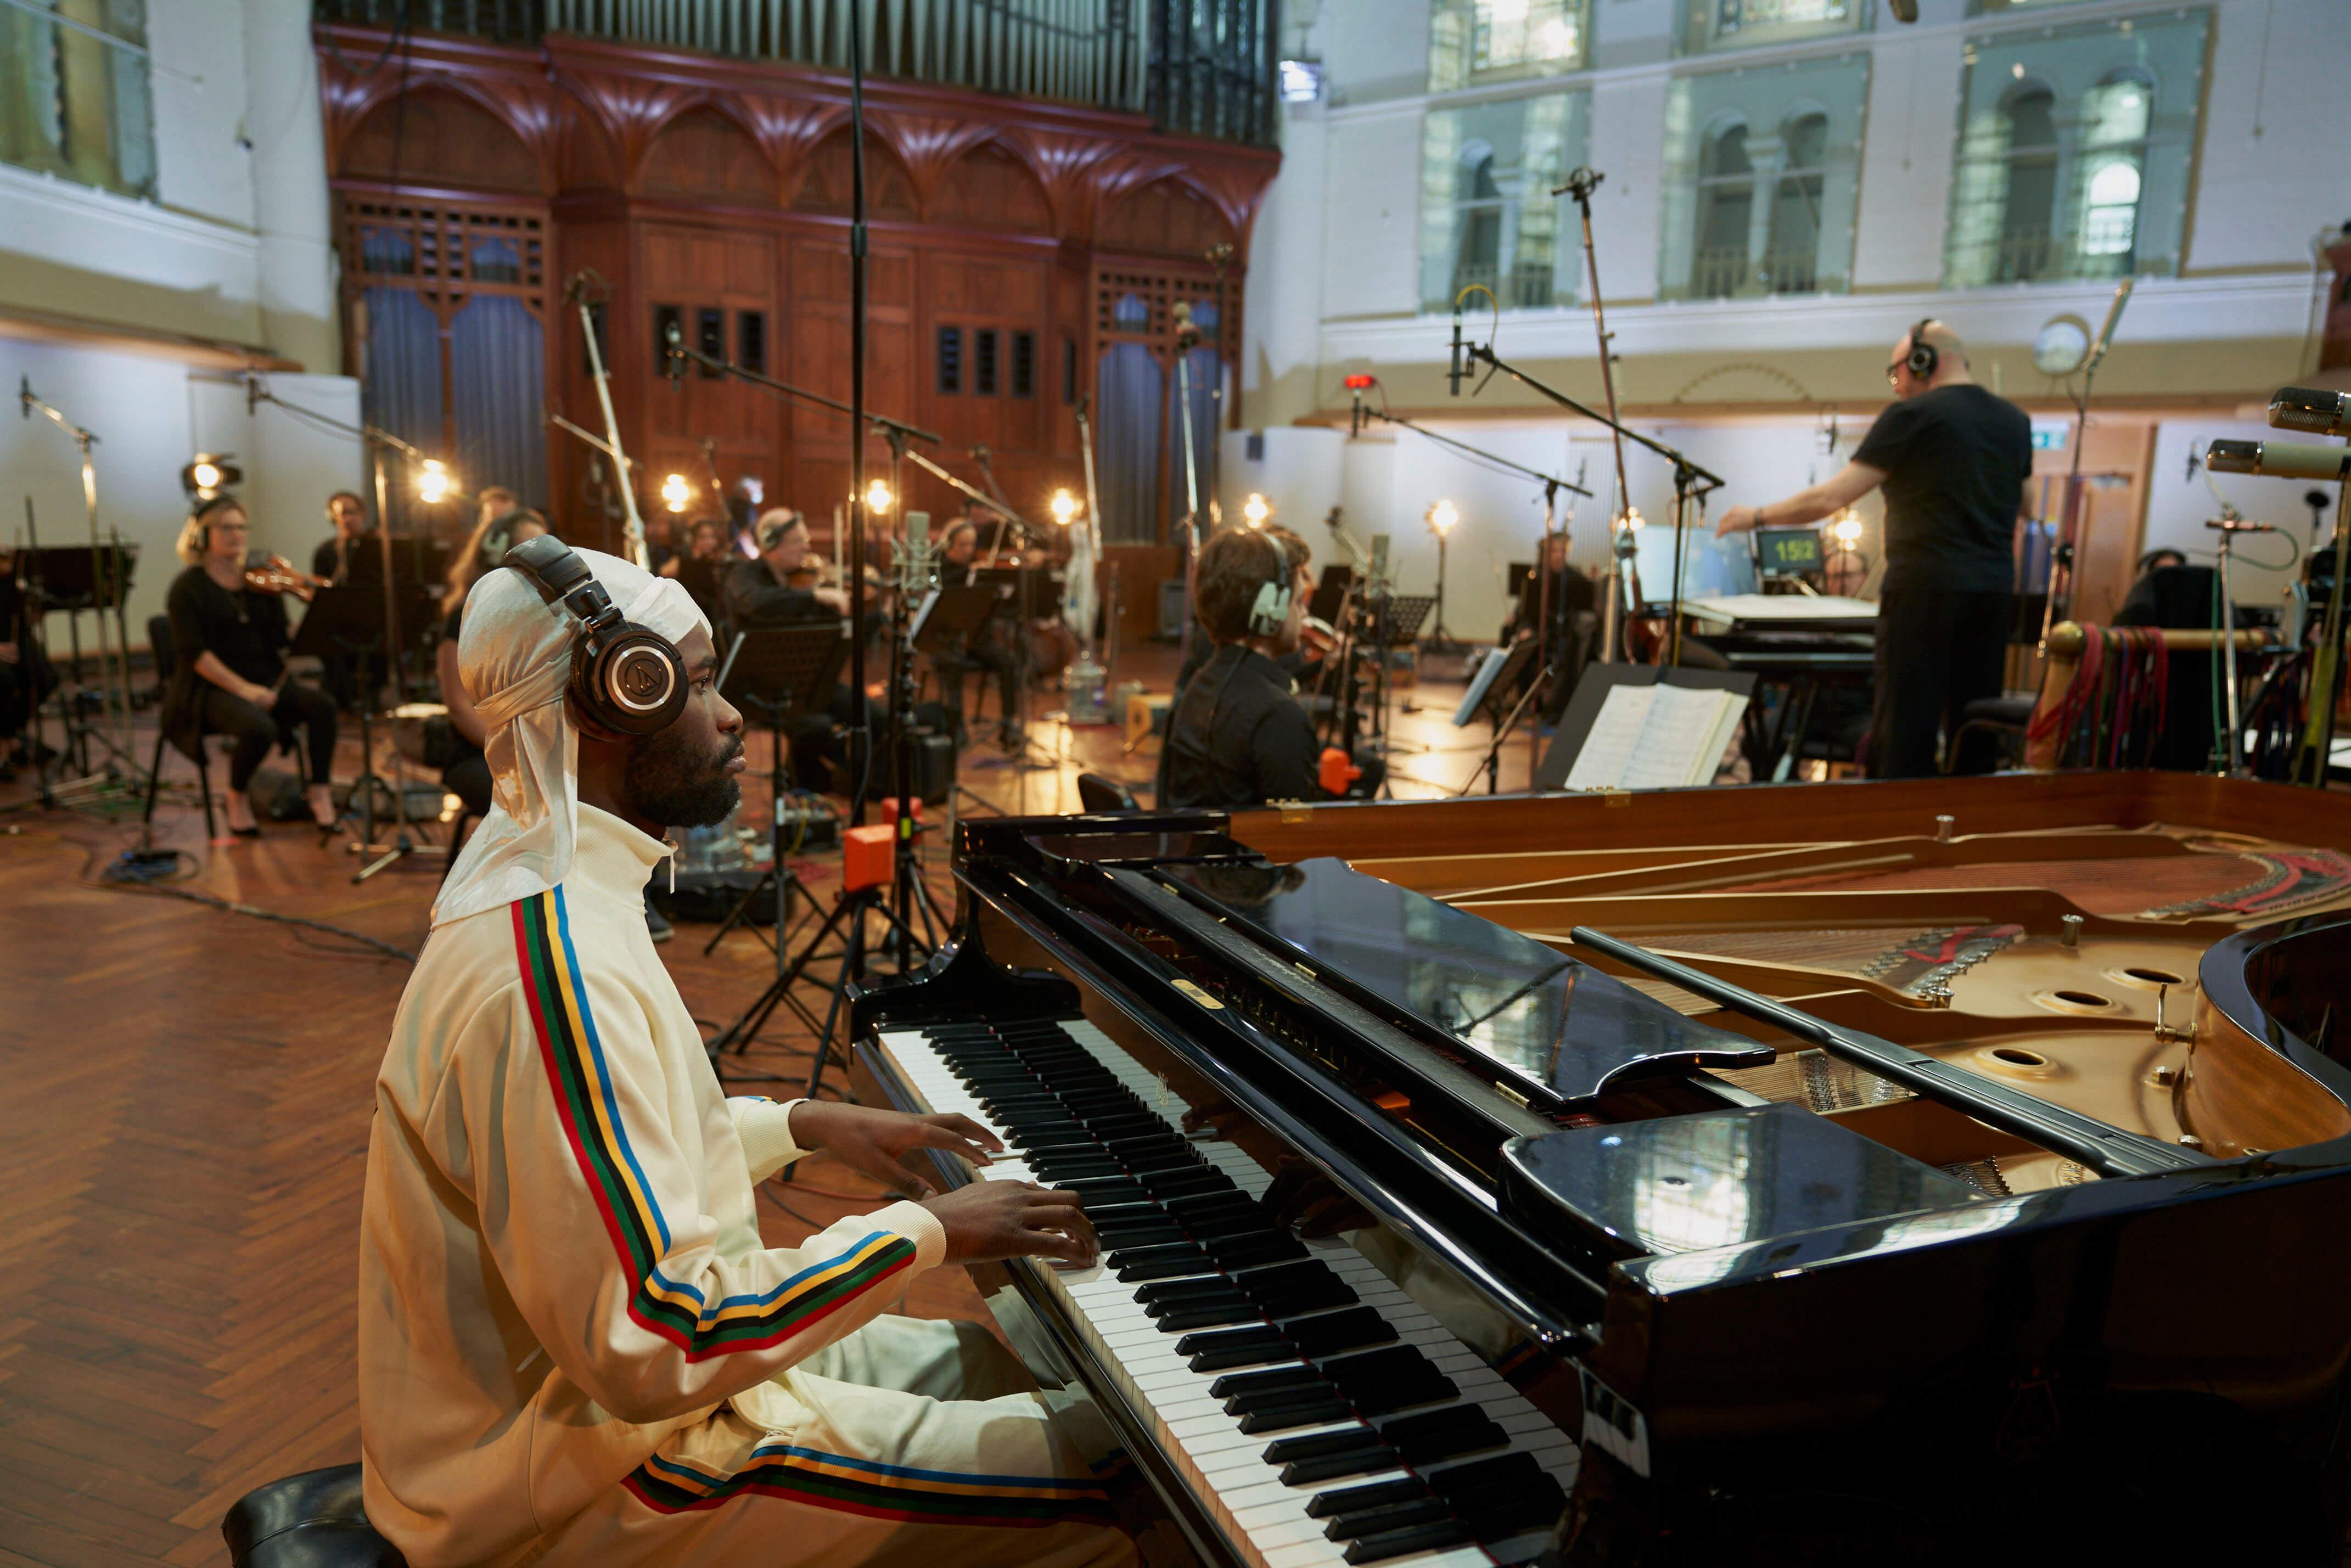 dave the rapper on grand piano